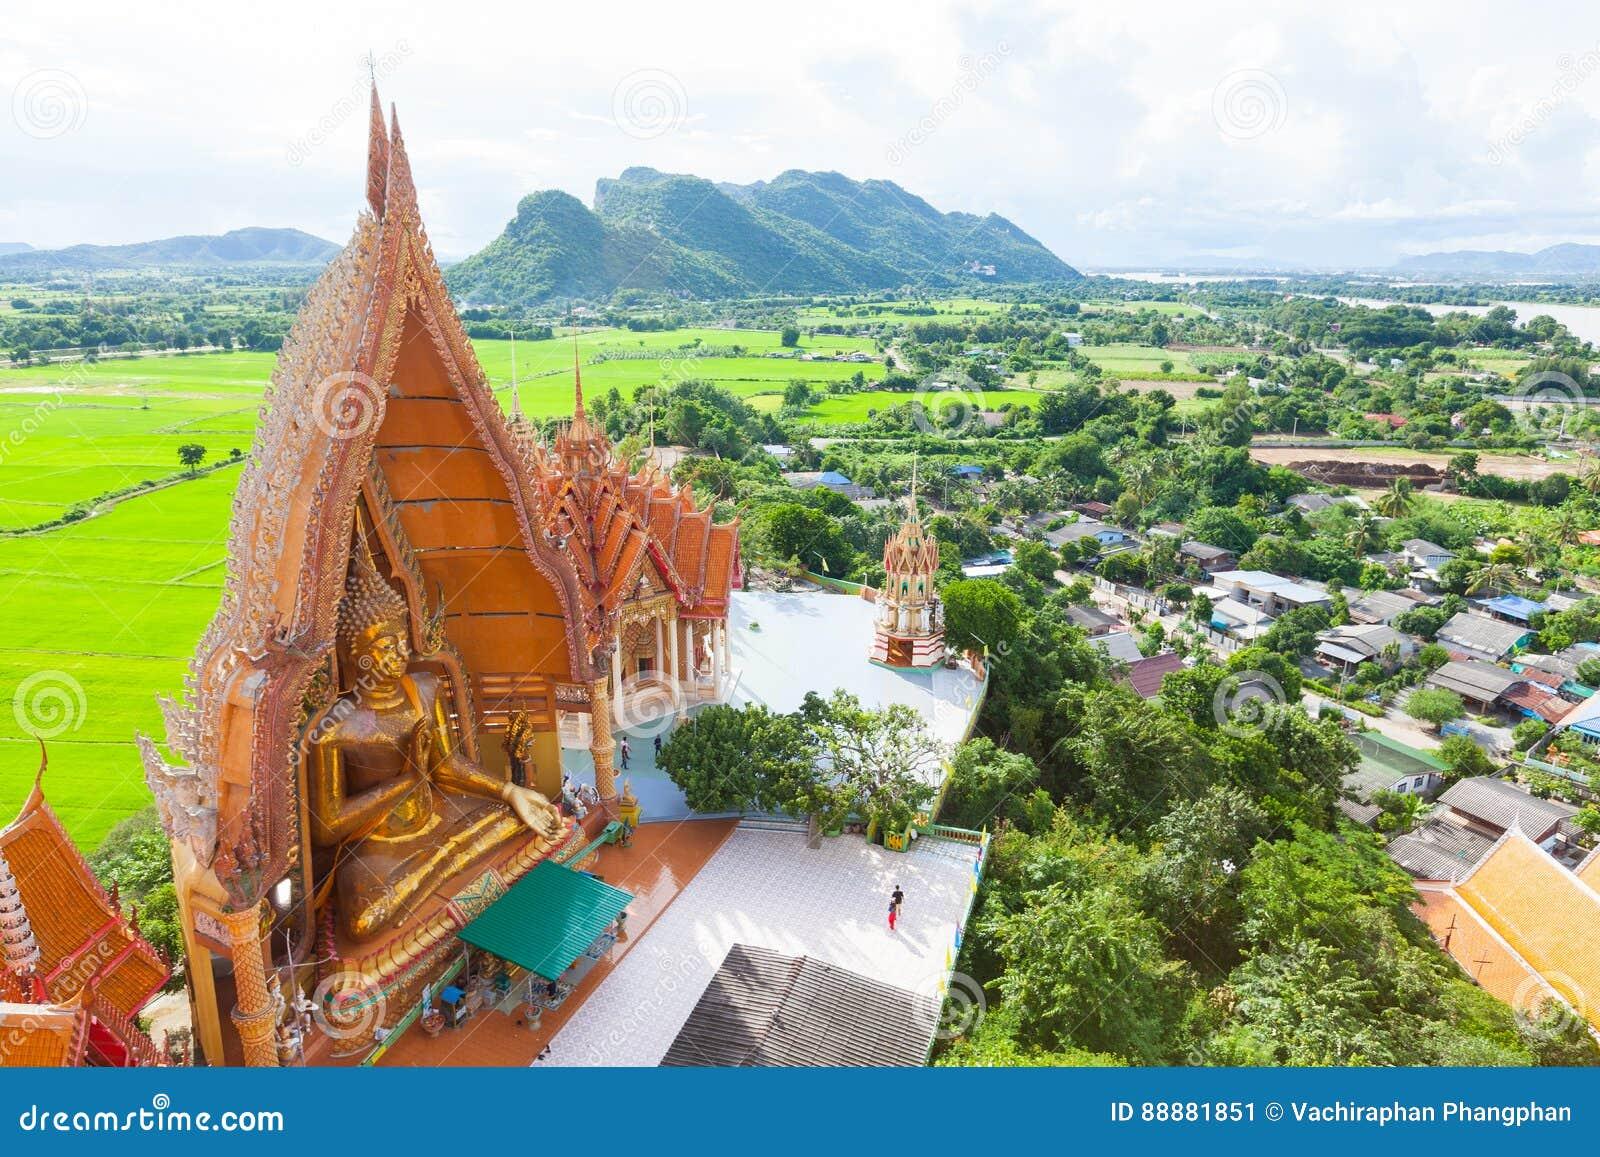 老虎洞寺庙